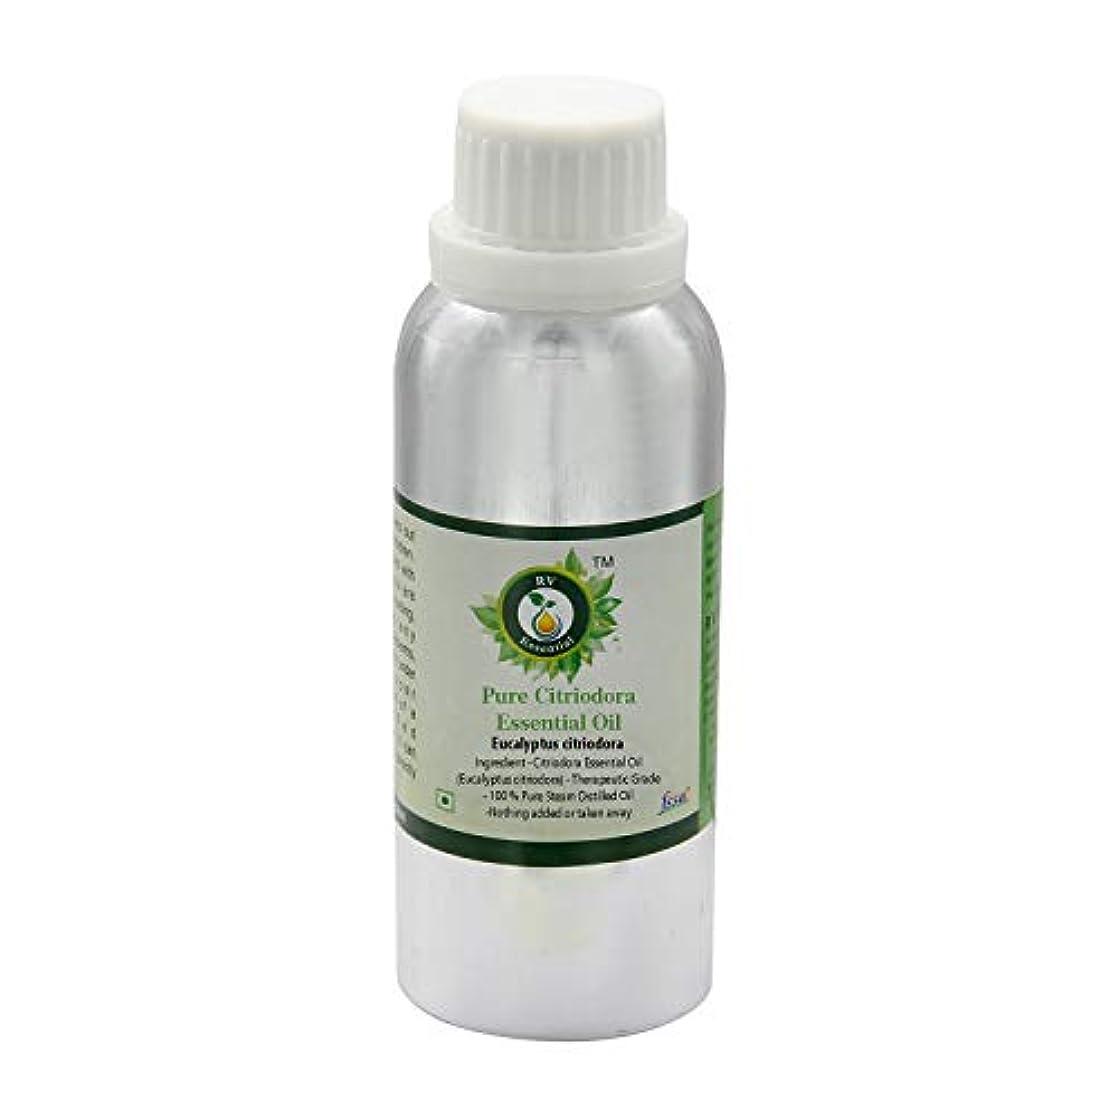 青地元クリーナーR V Essential ピュアCitriodoraエッセンシャルオイル1250ml (42oz)- Eucalyptus citriodora (100%純粋&天然スチームDistilled) Pure Citriodora...